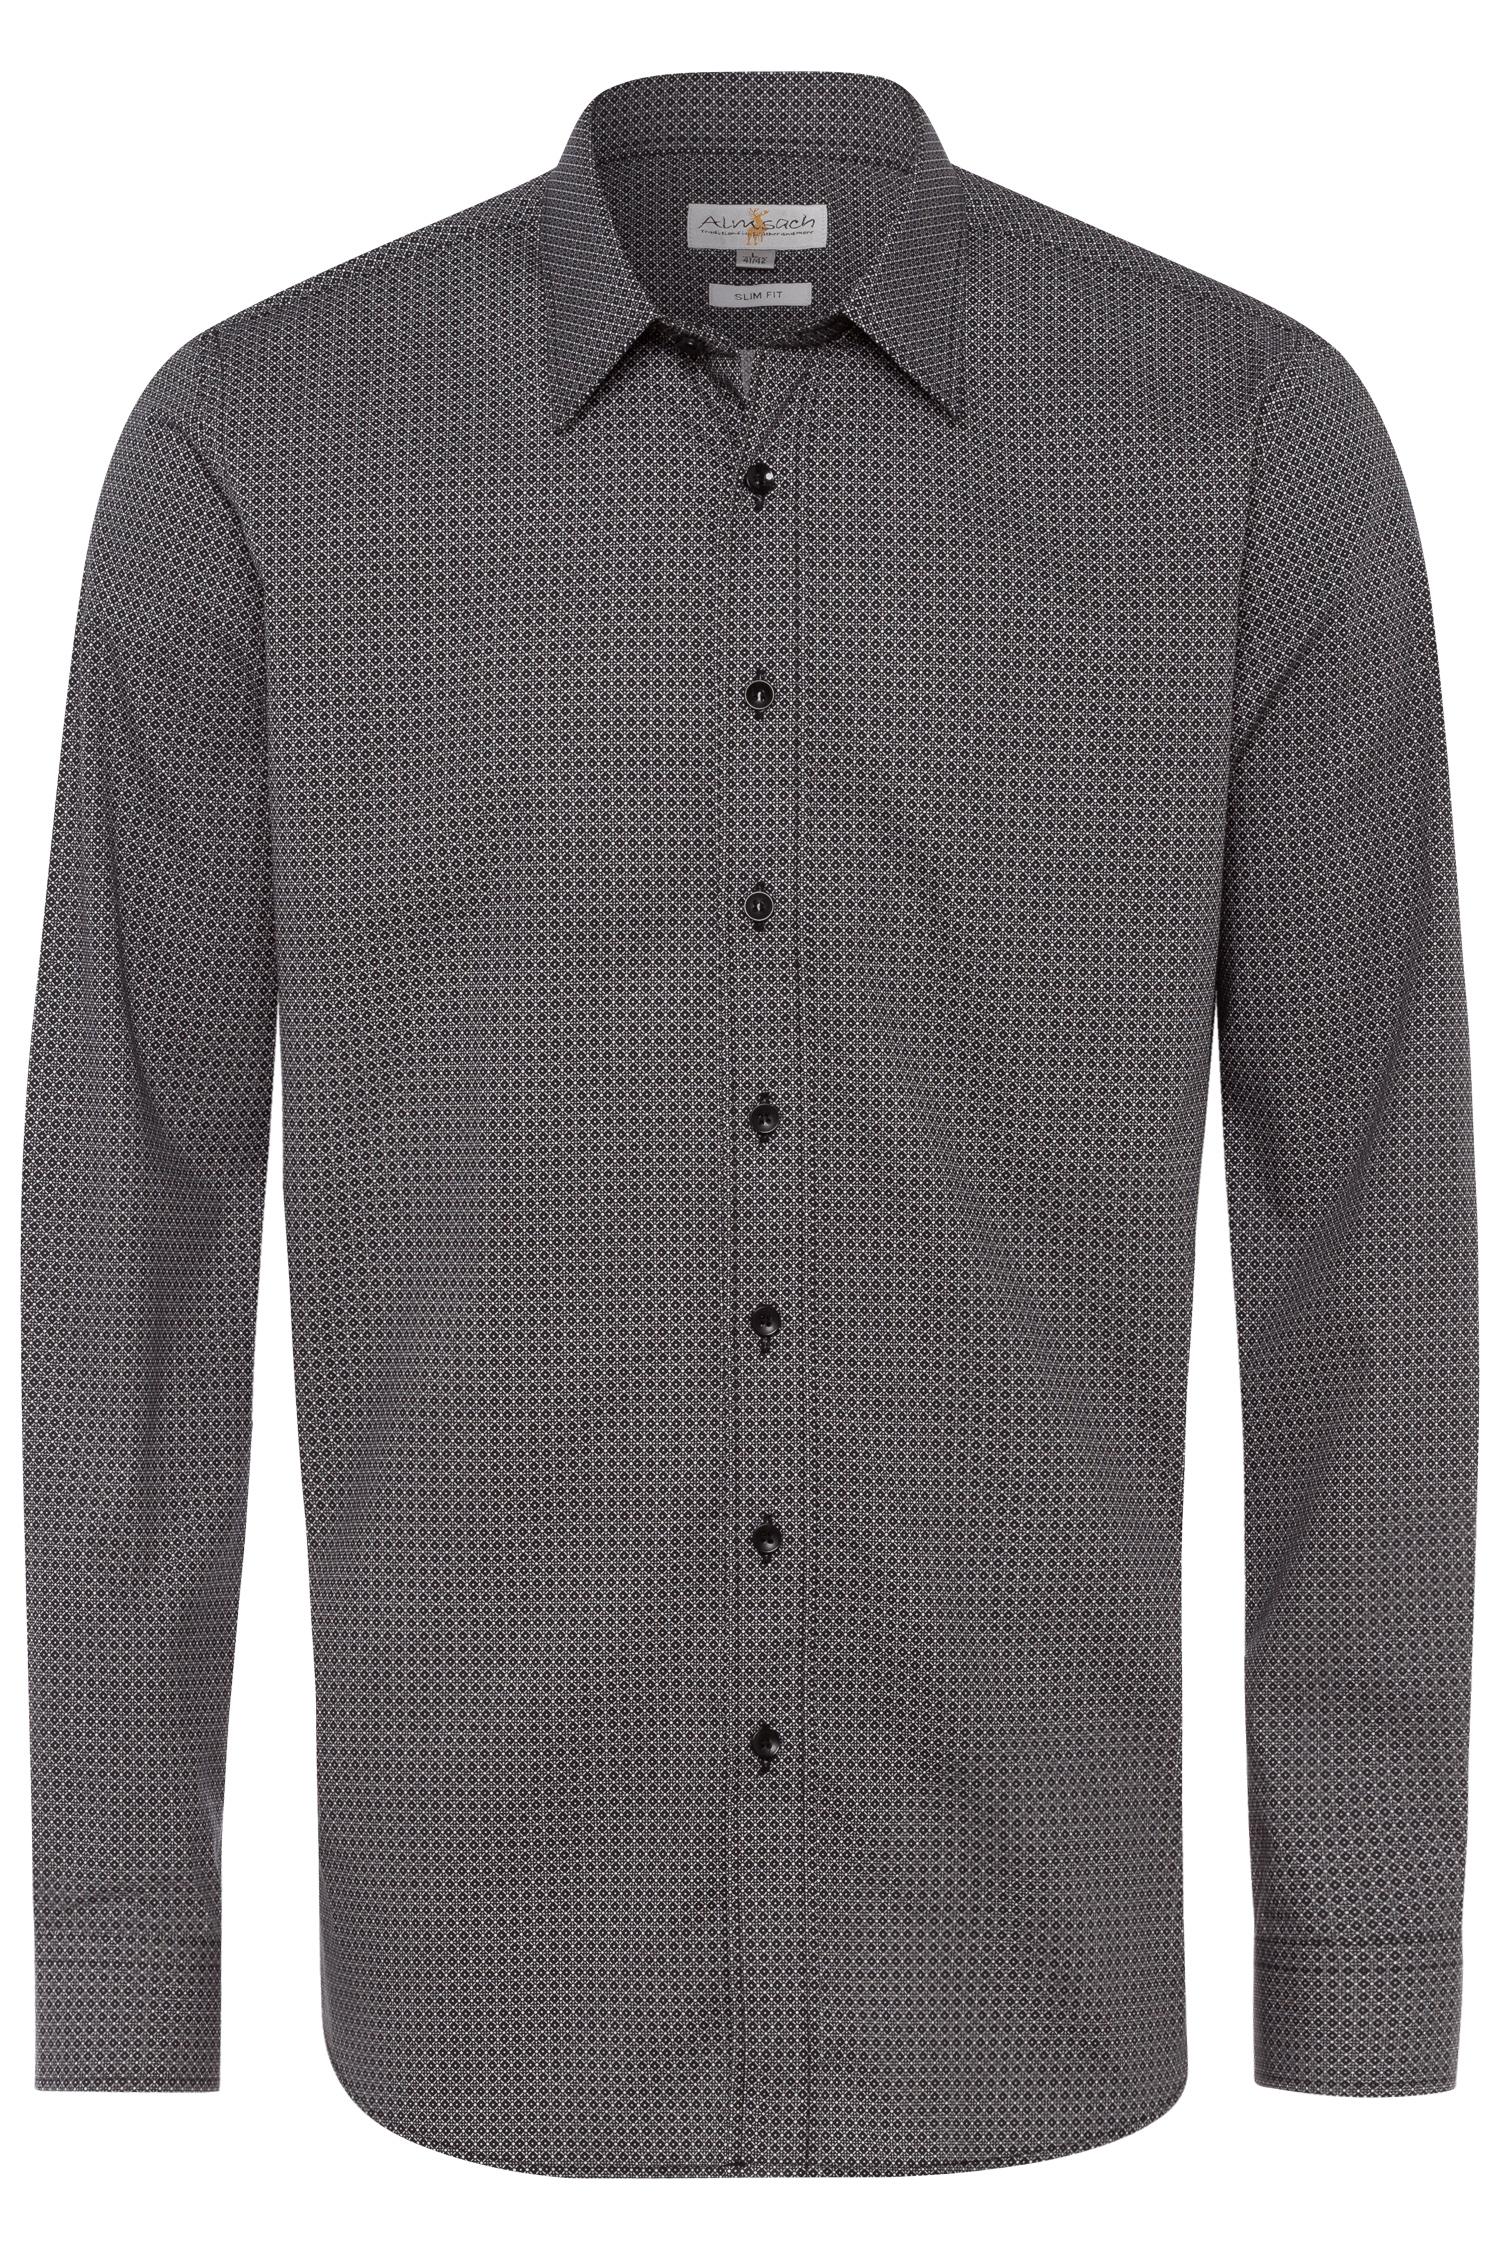 Trachtenhemd Slimfit L | 3082 schwarz